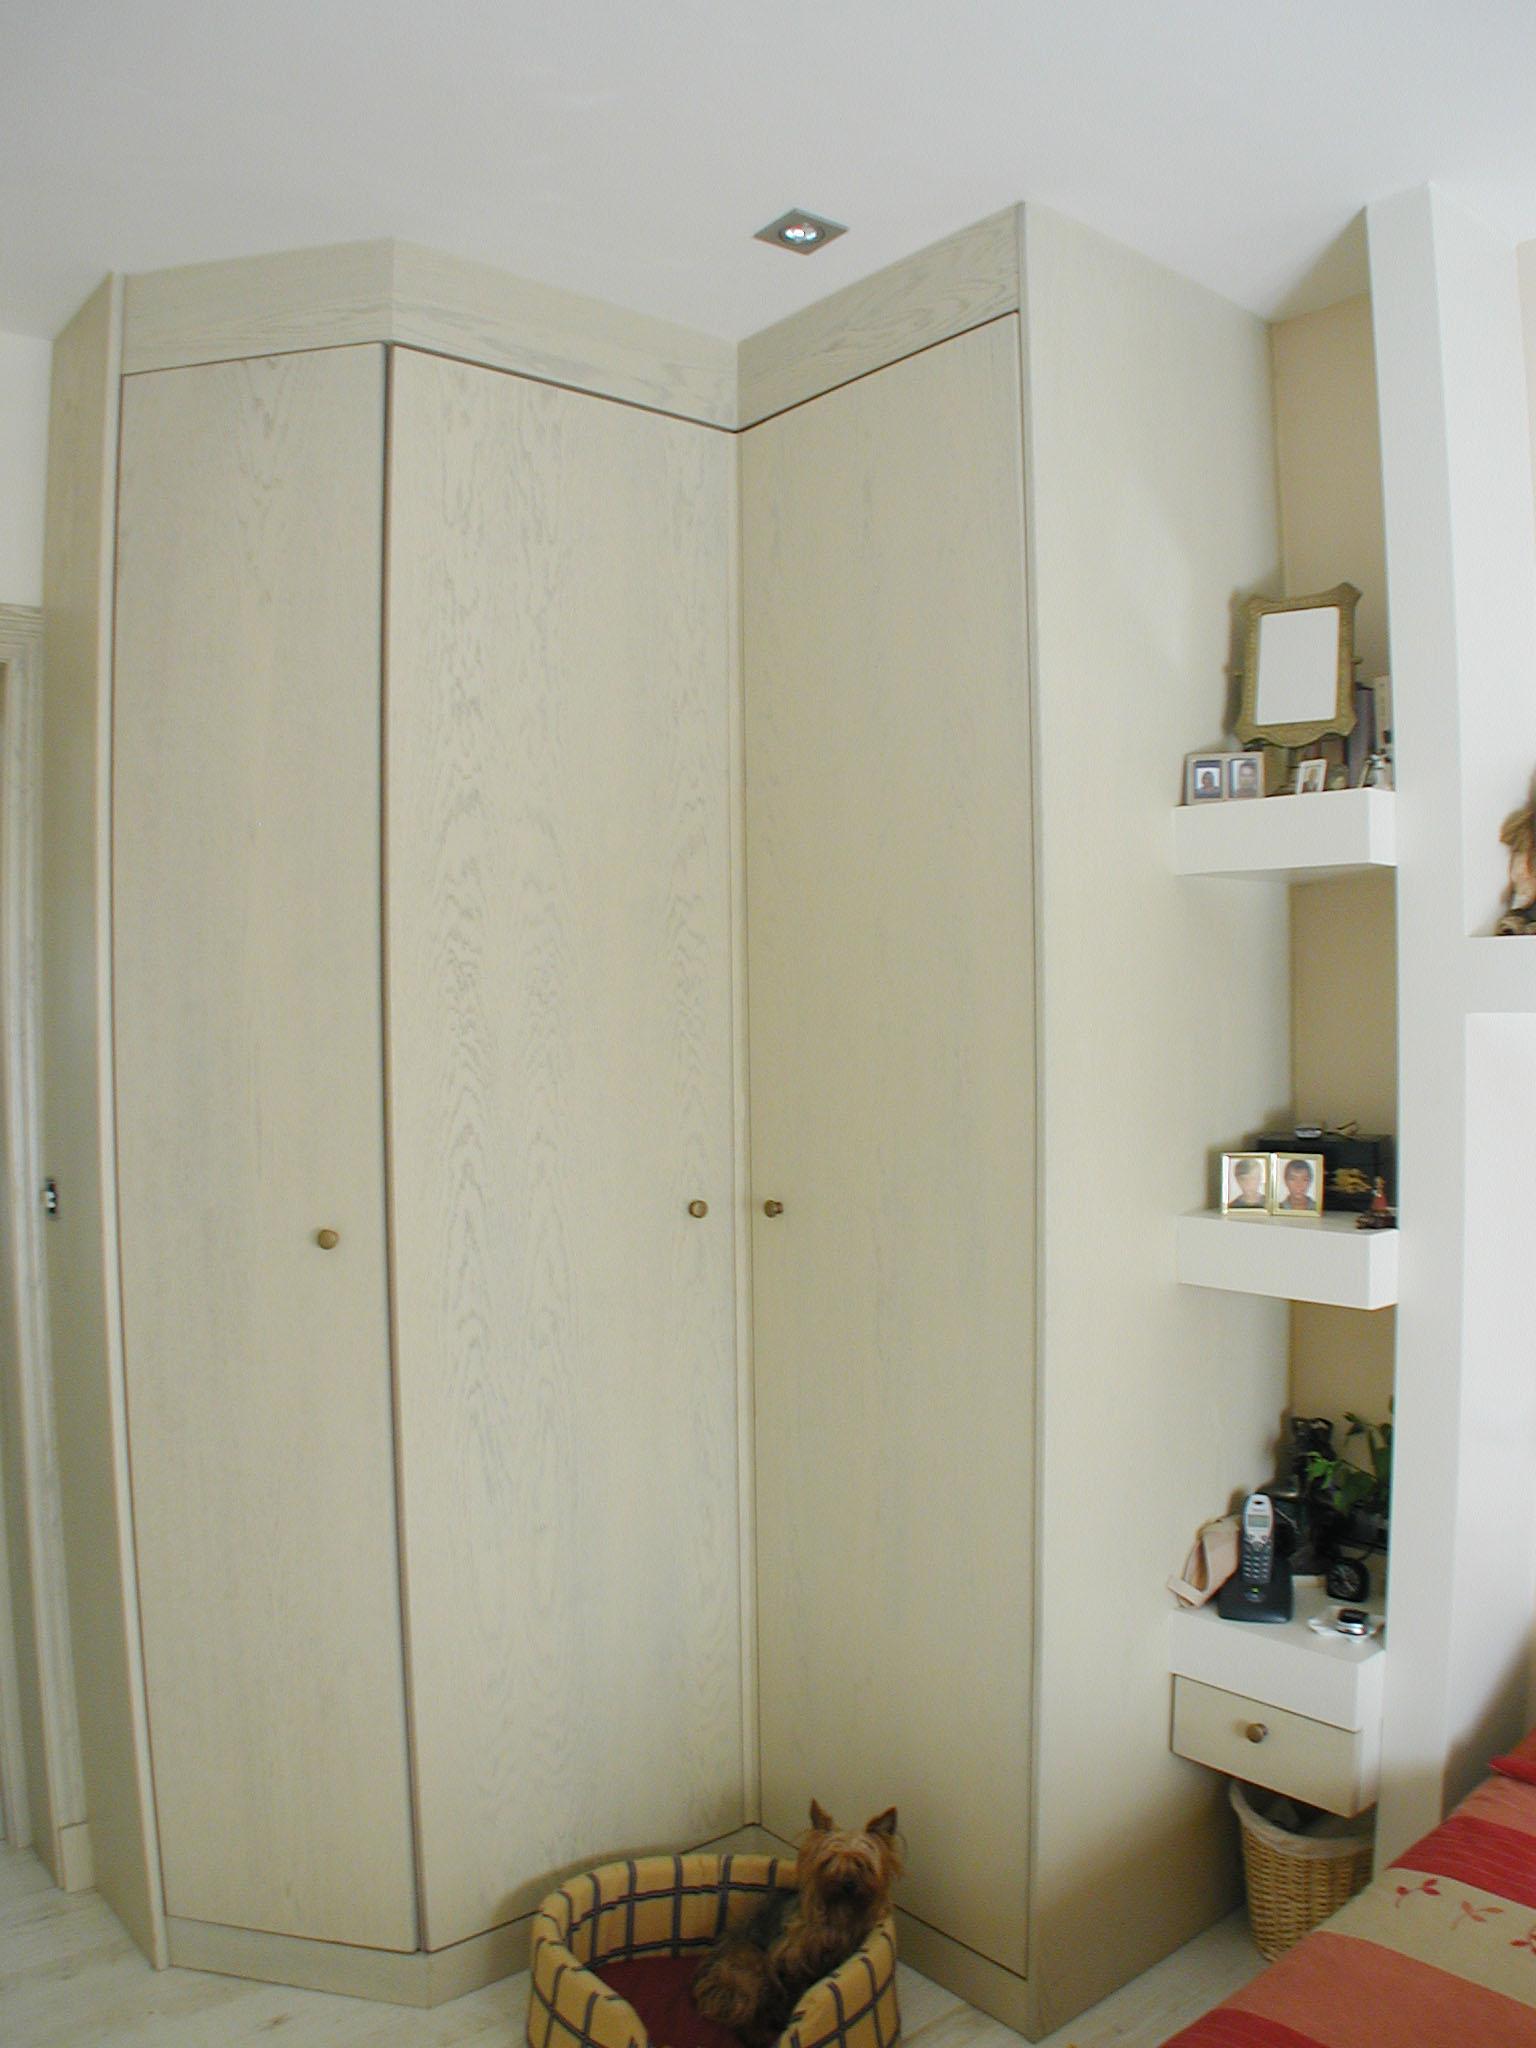 reforma de viviendas reforma de pisos reforma de baños reforma de cocinas